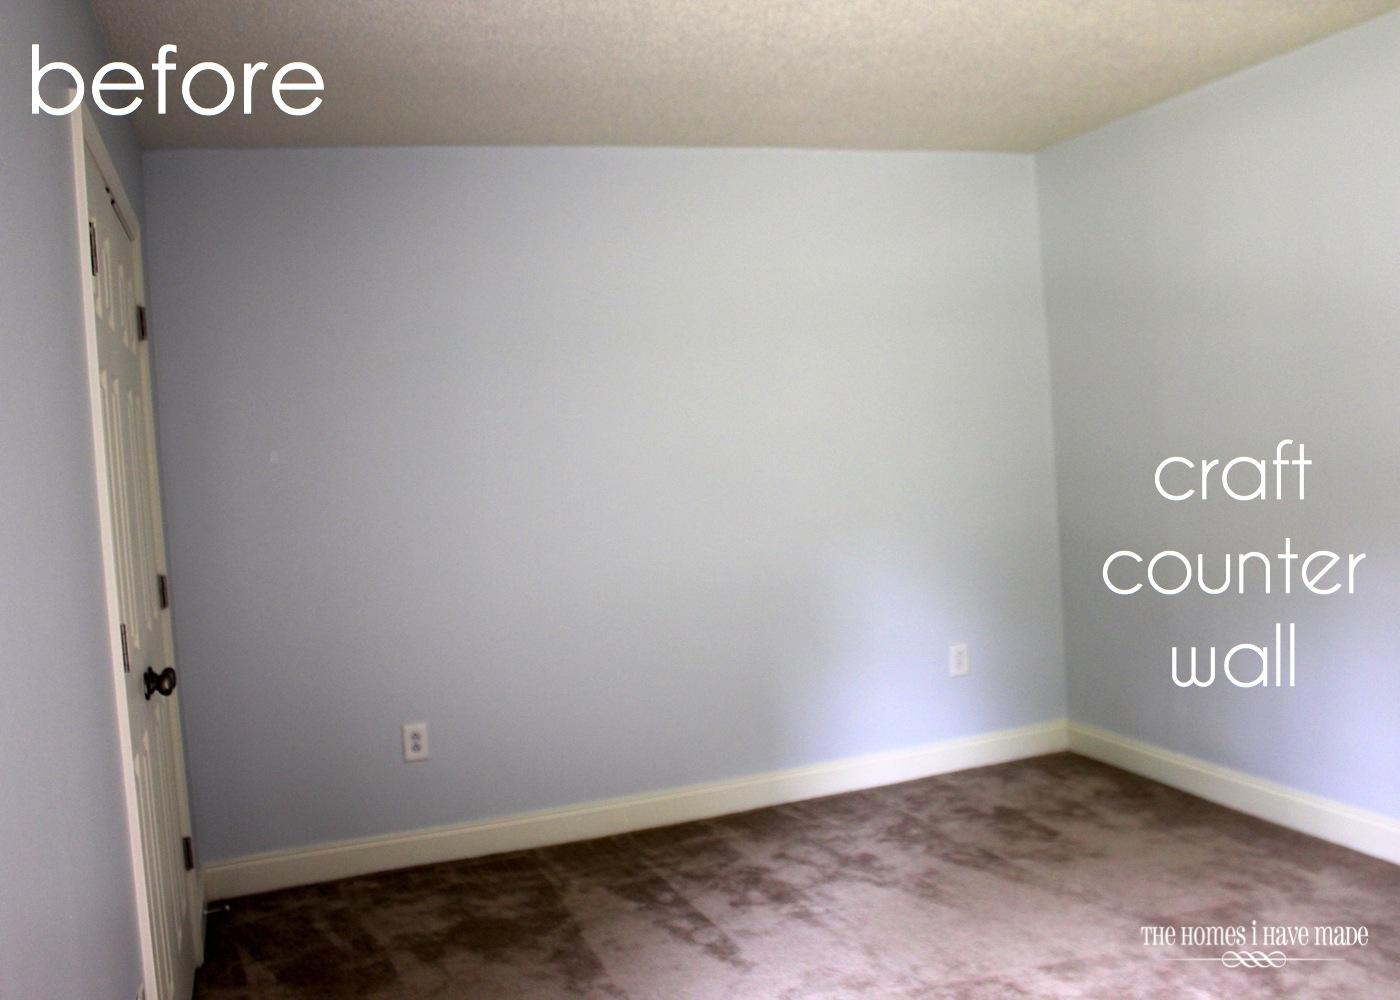 Craft Room Craft Wall-001